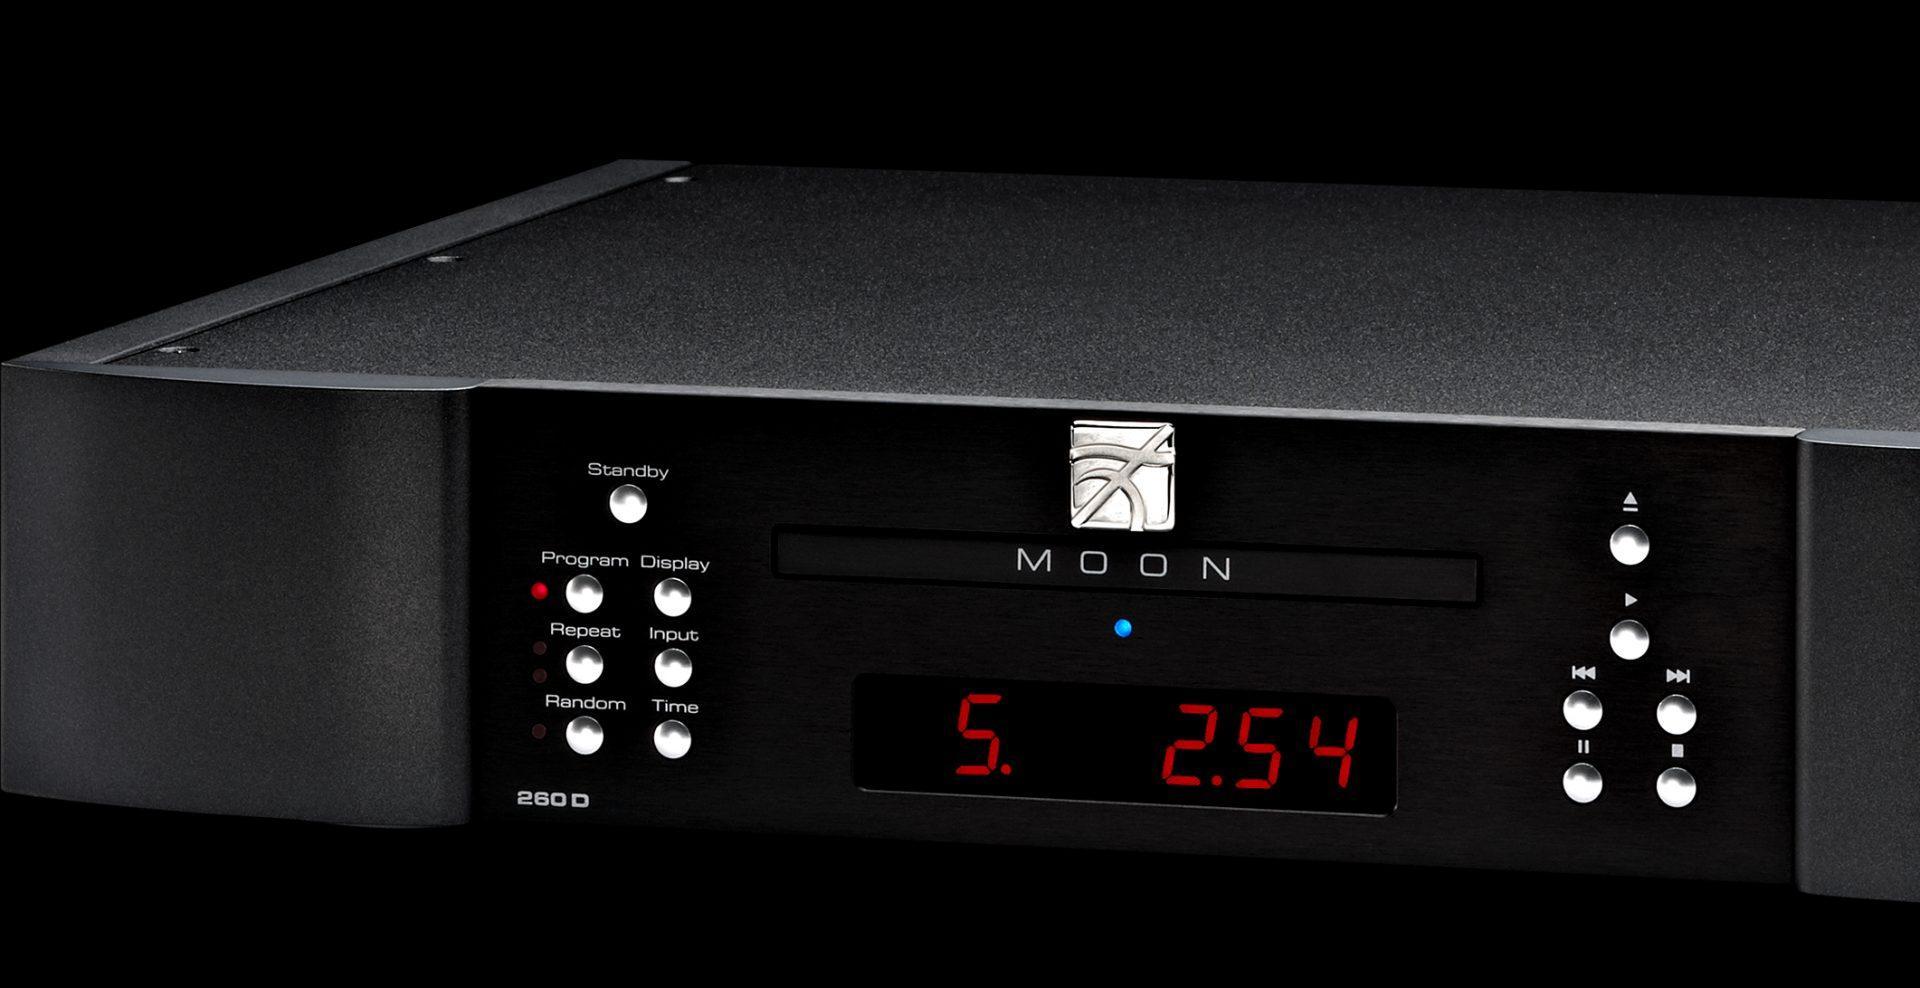 lecteur CD MOON 260D avec convertisseur N/A